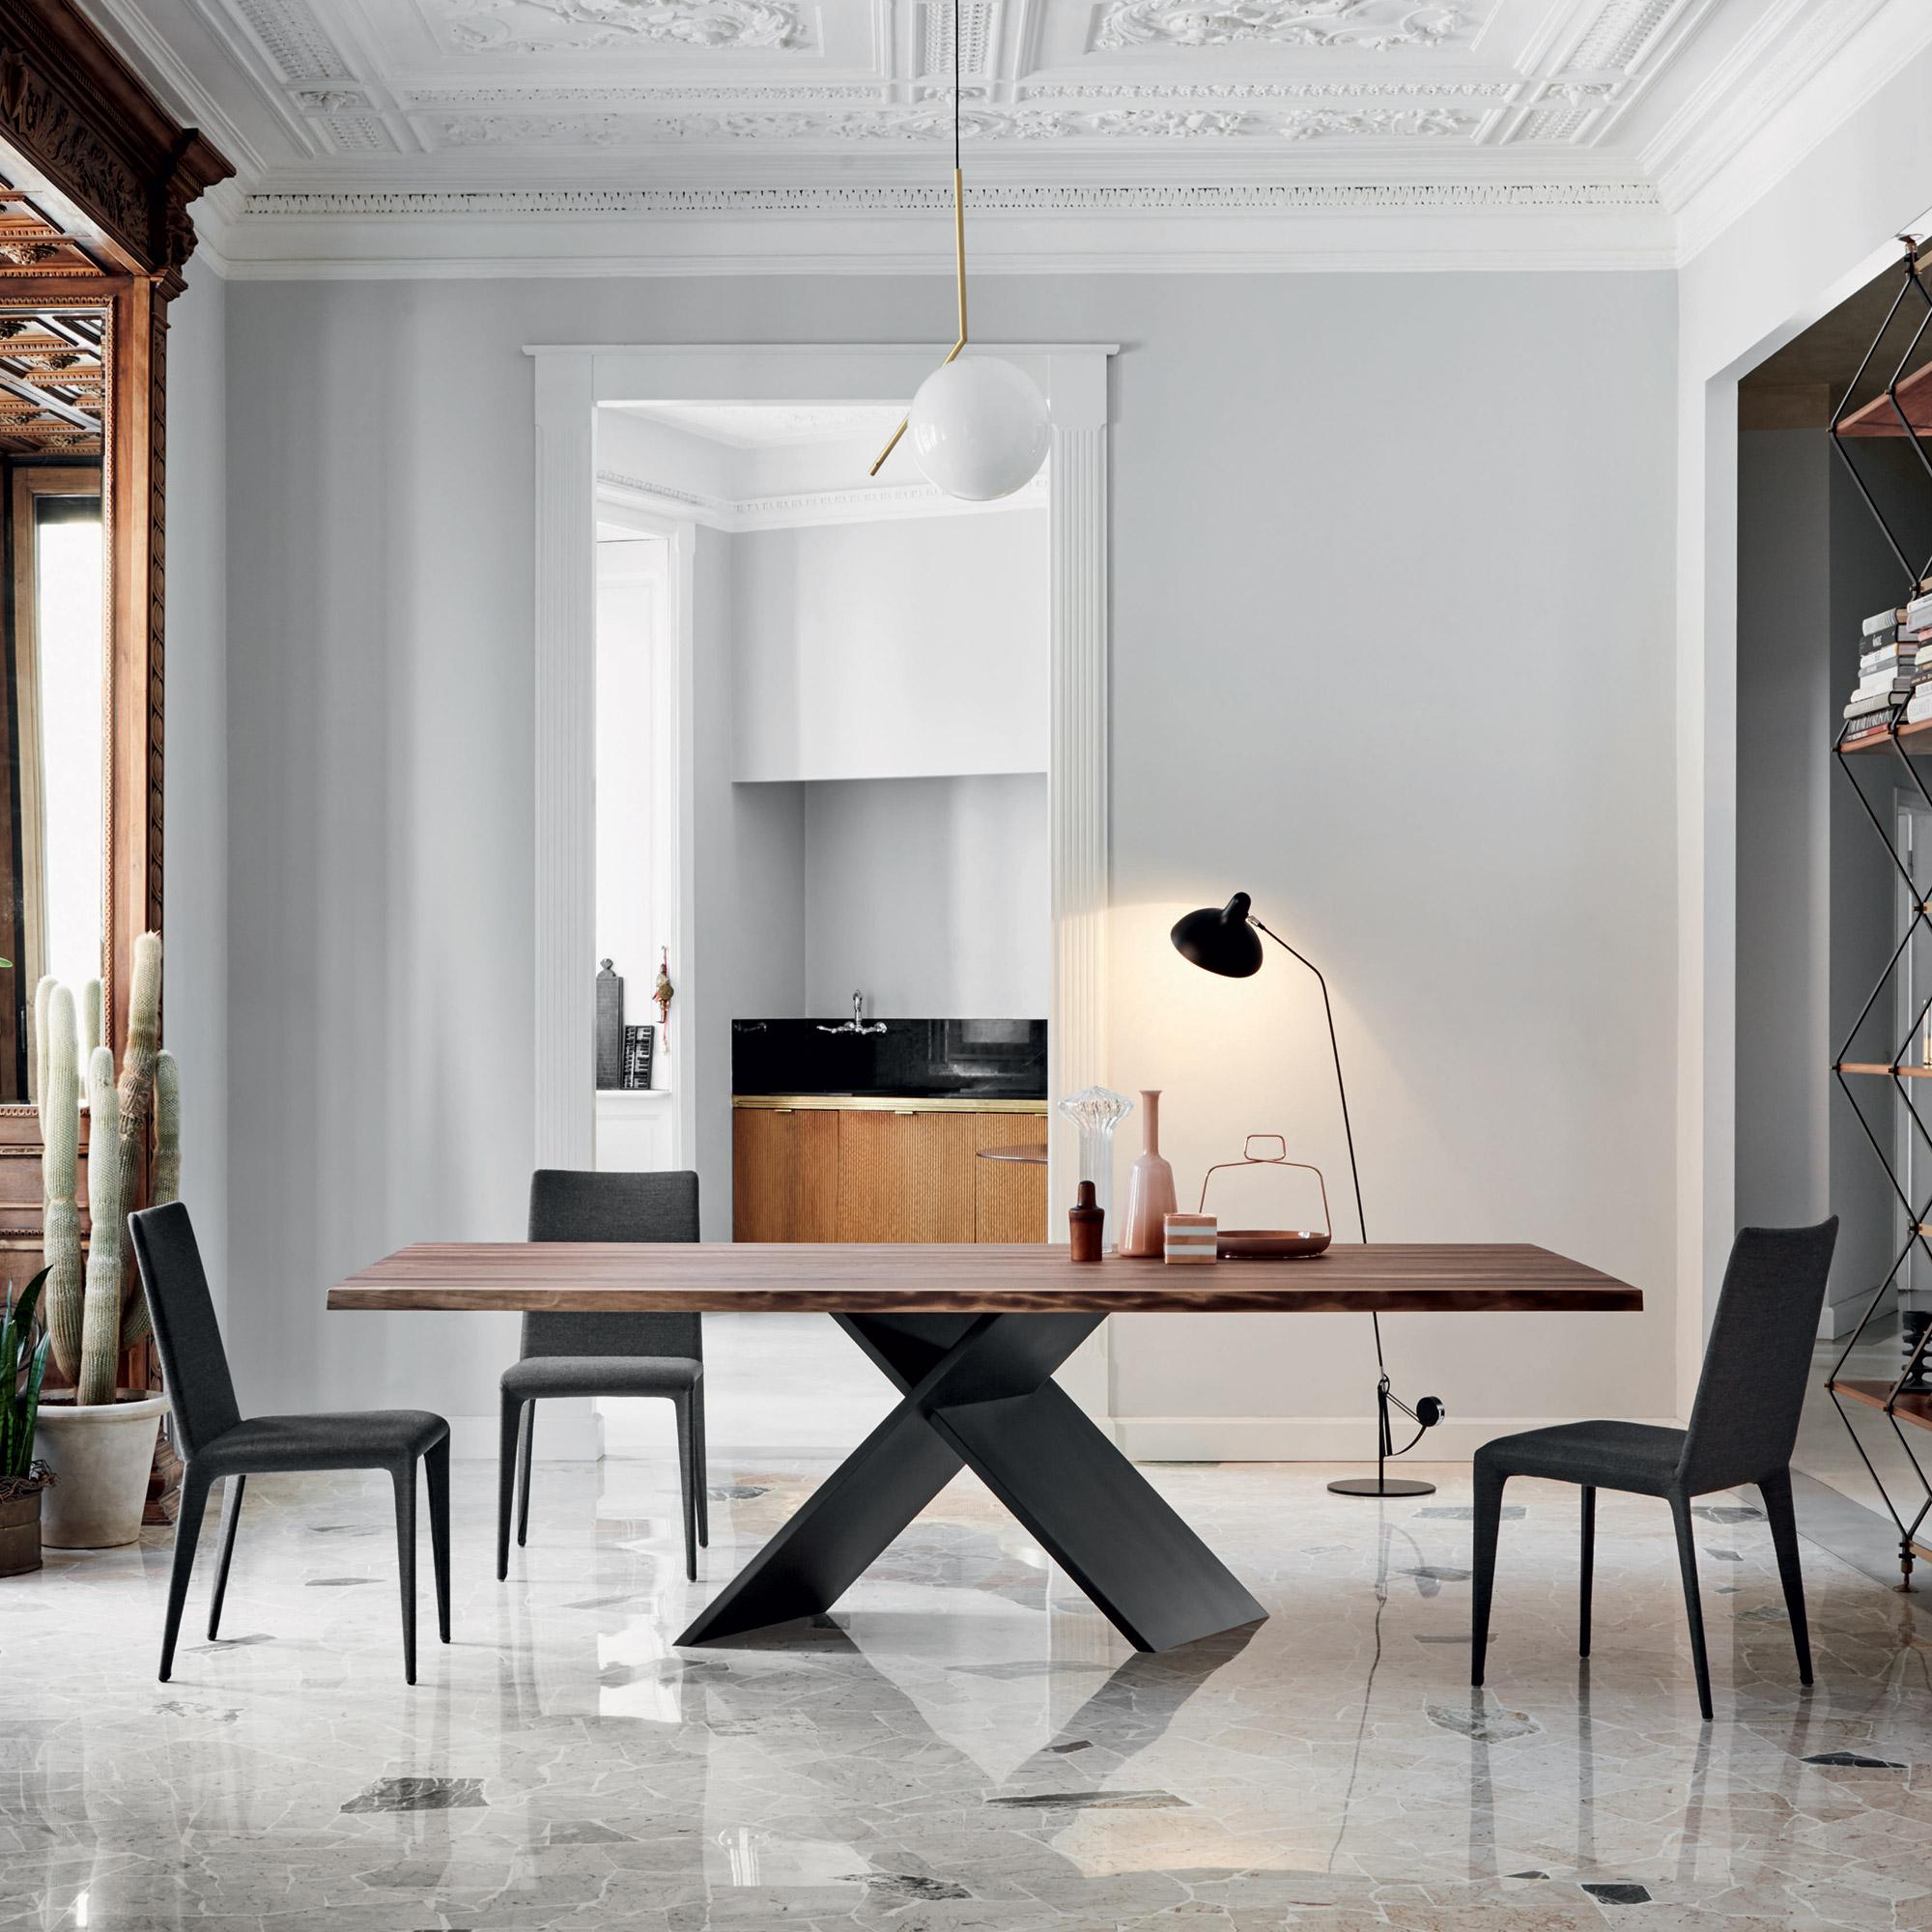 Gewaltig Amerikanische Möbel Und Accessoires Ideen Von Bonaldo Ax Tisch Mit Amerikanischer Nussbaum Tischplatte